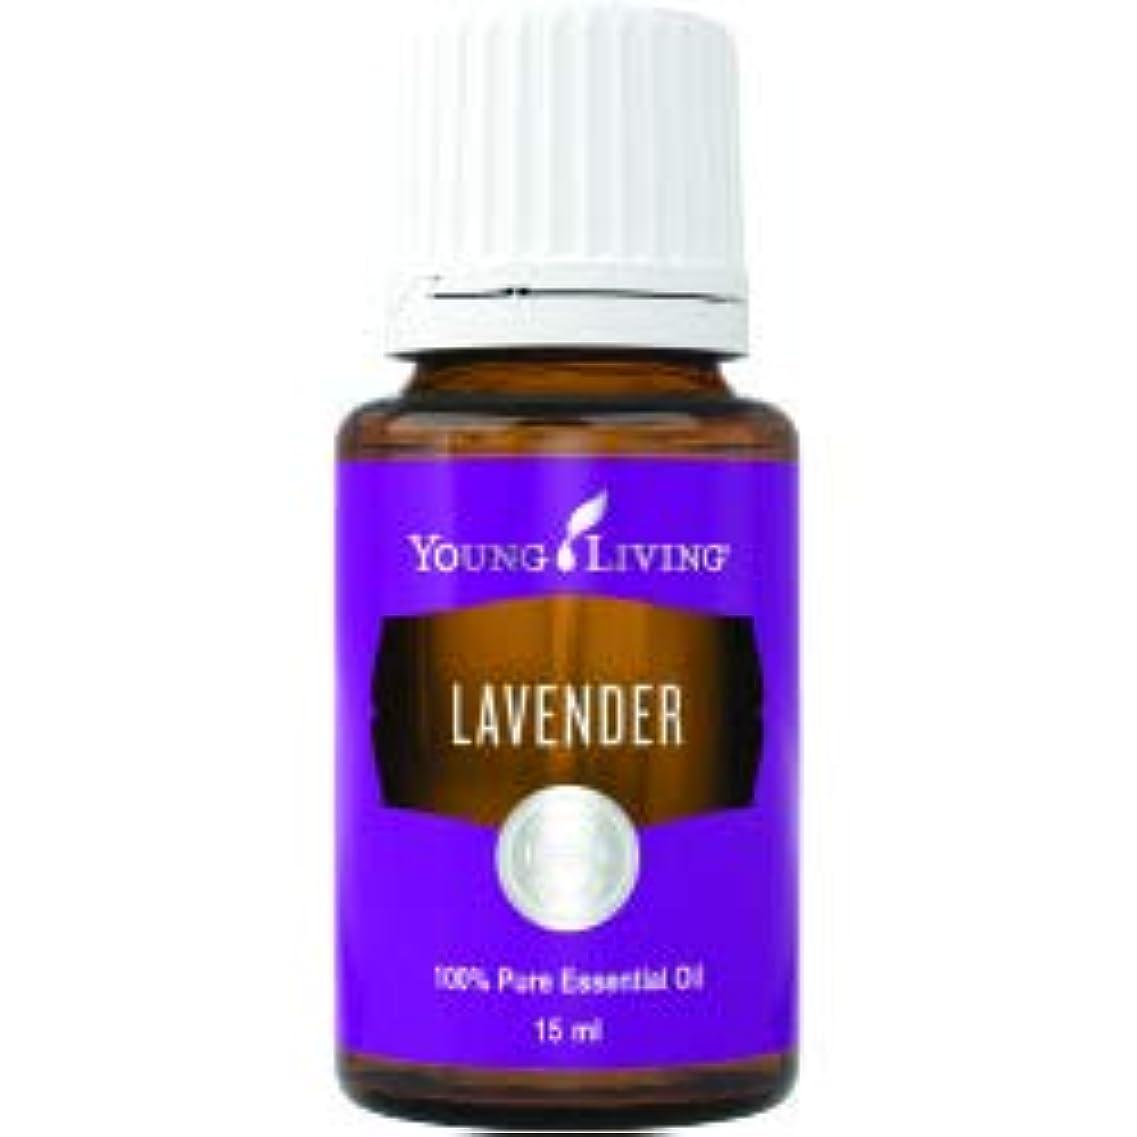 ドナウ川禁止する八百屋さんラベンダーエッセンシャルオイル15ml by Young Livingエッセンシャルオイルマレーシア Lavender Essential Oil 15ml by Young Living Essential Oil Malaysia